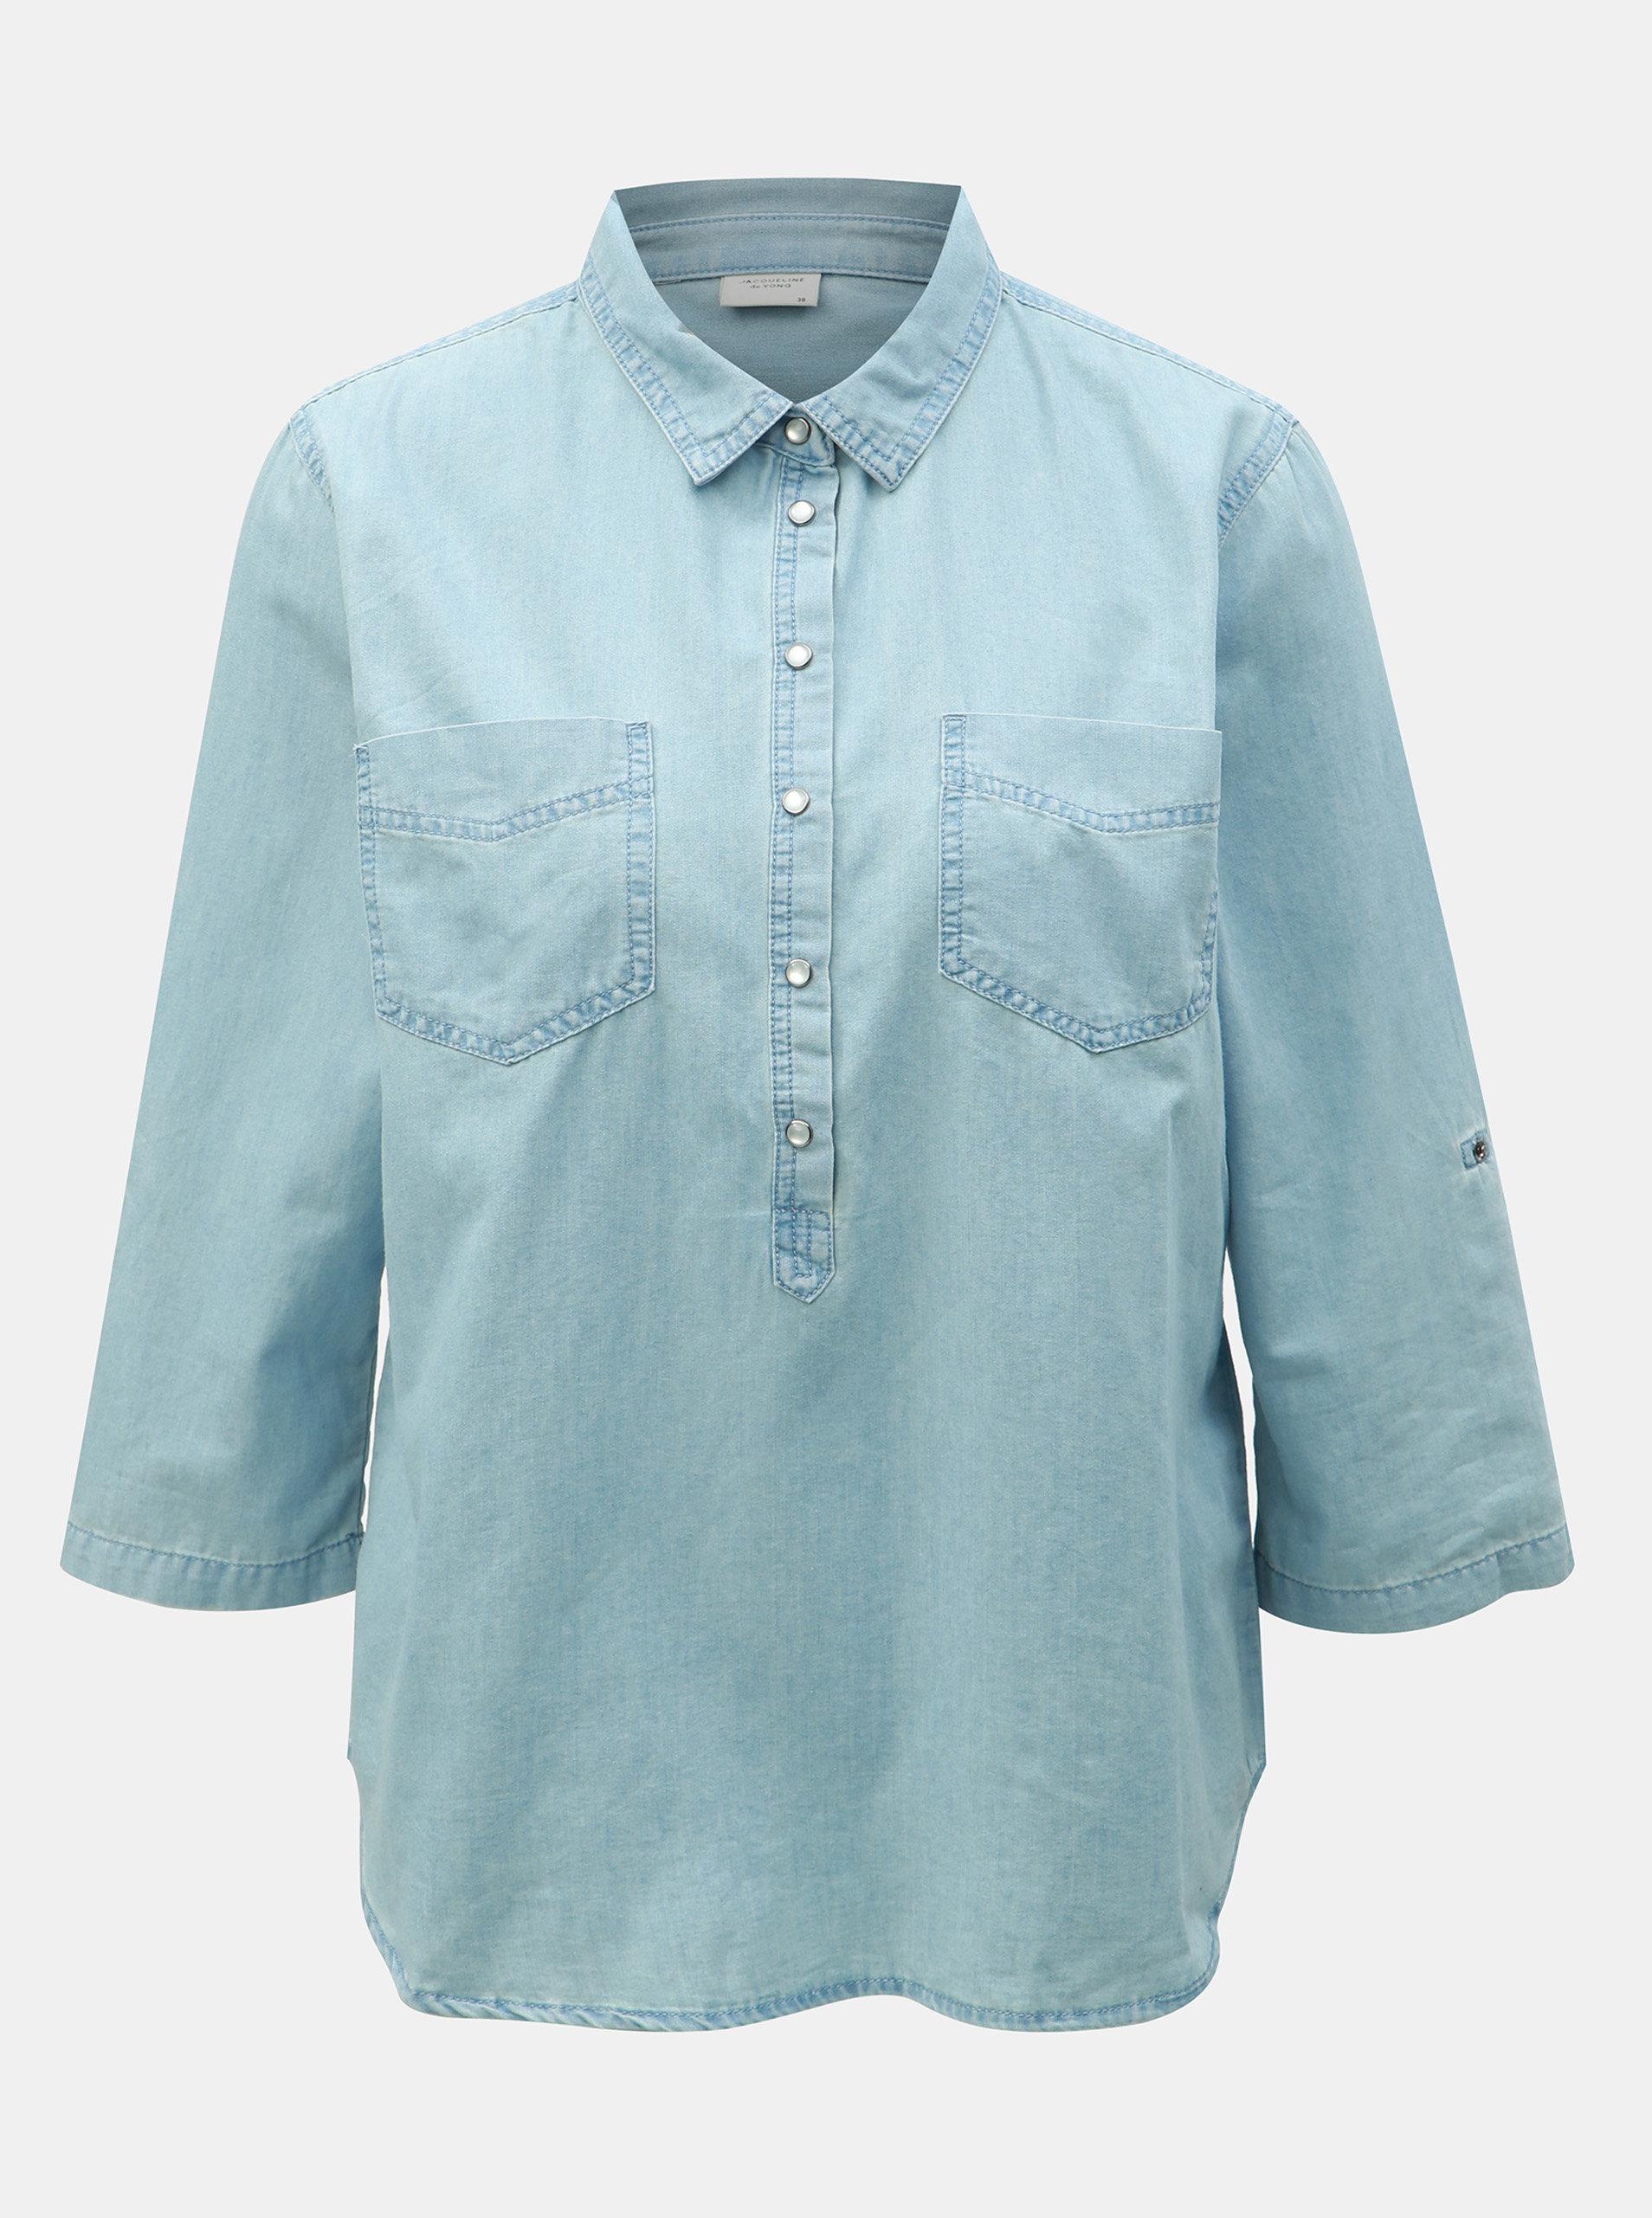 05cef88b7733 Modrá rifľová košeľa Jacqueline de Yong Shinest ...